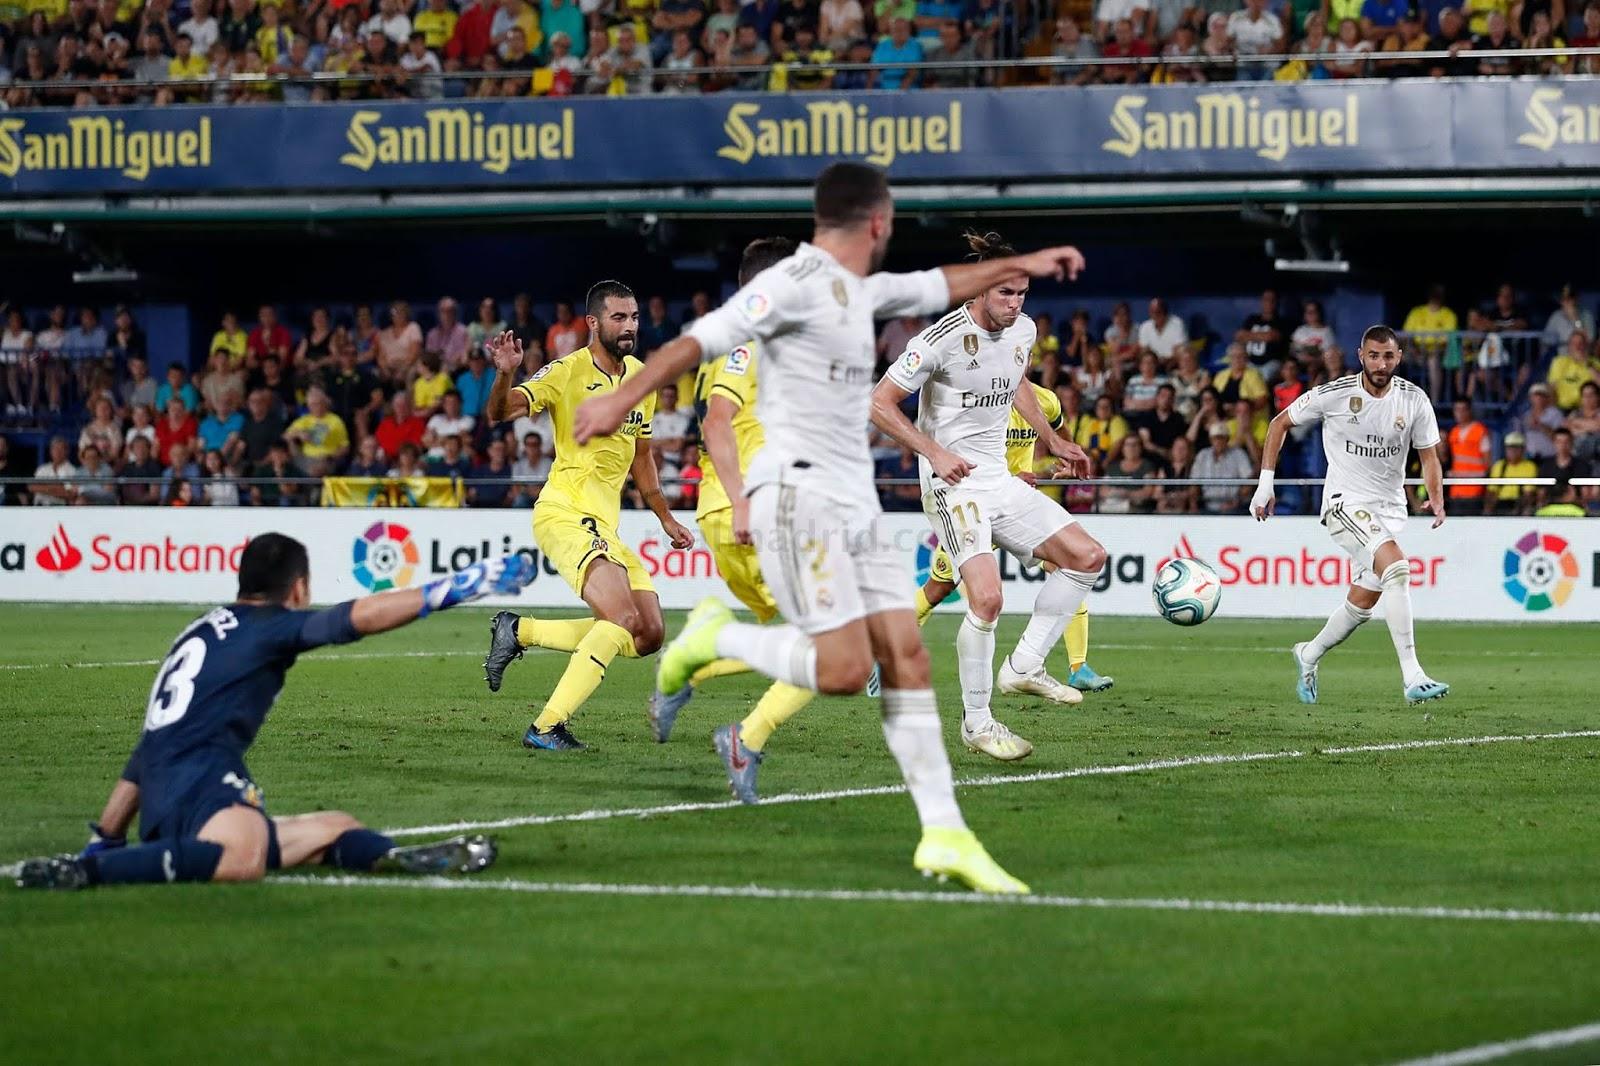 ريال مدريد يواصل مسلسل نزيف اهدار النقاط في الليجا الإسبانية